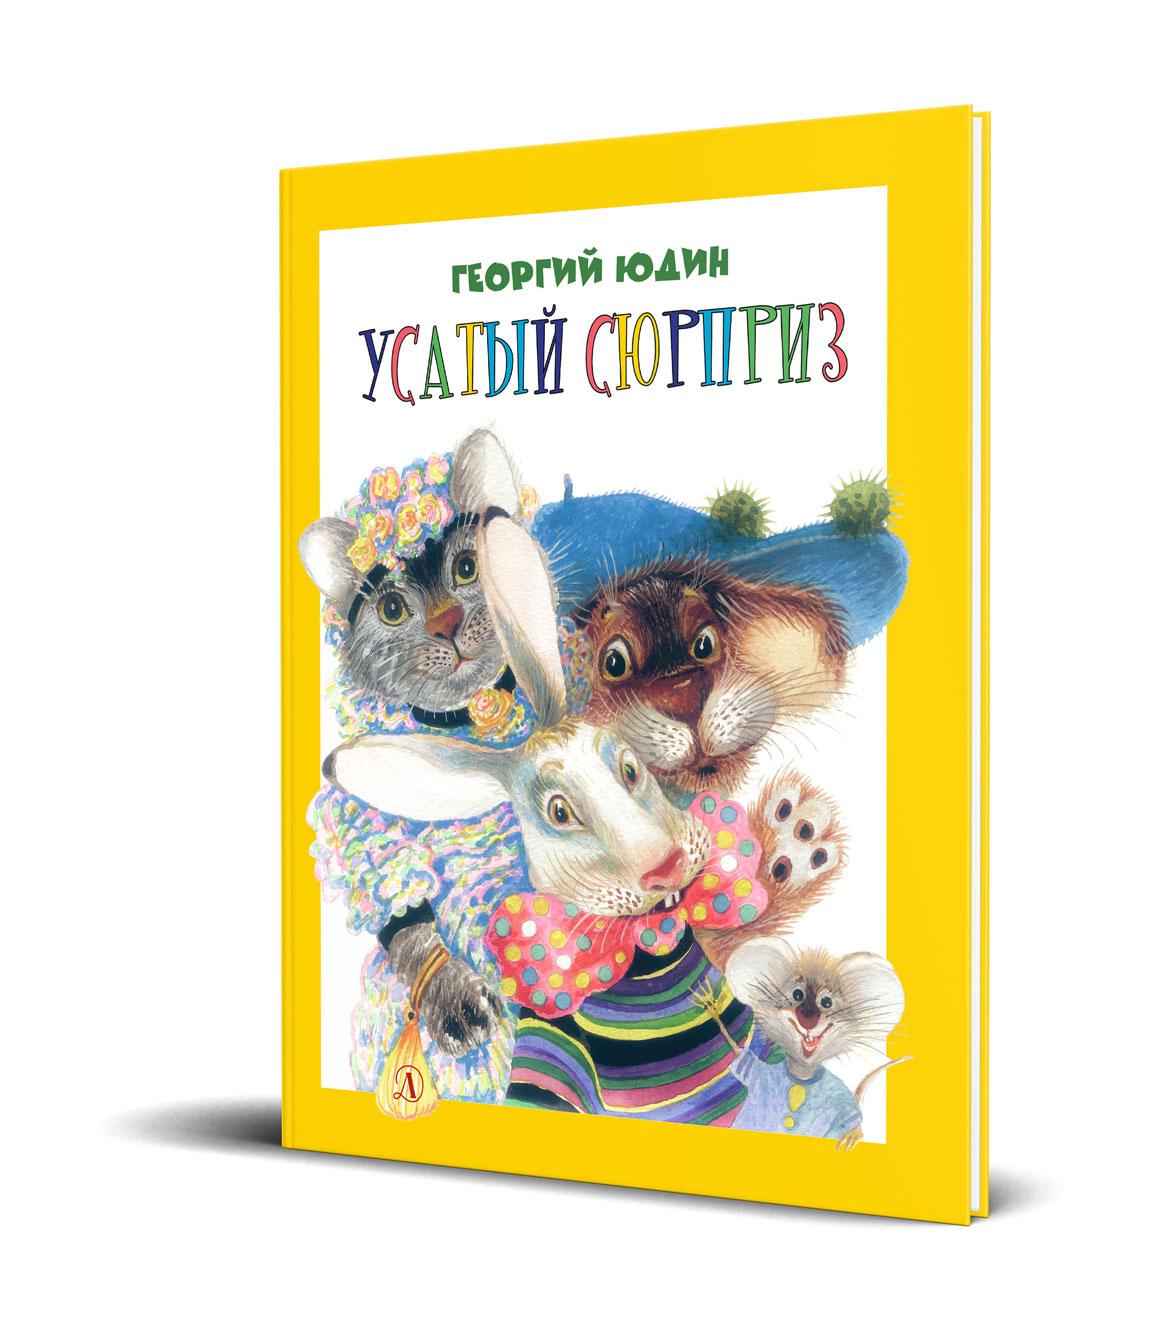 Юдин Г., Усатый сюрприз, Детская литература, 2017